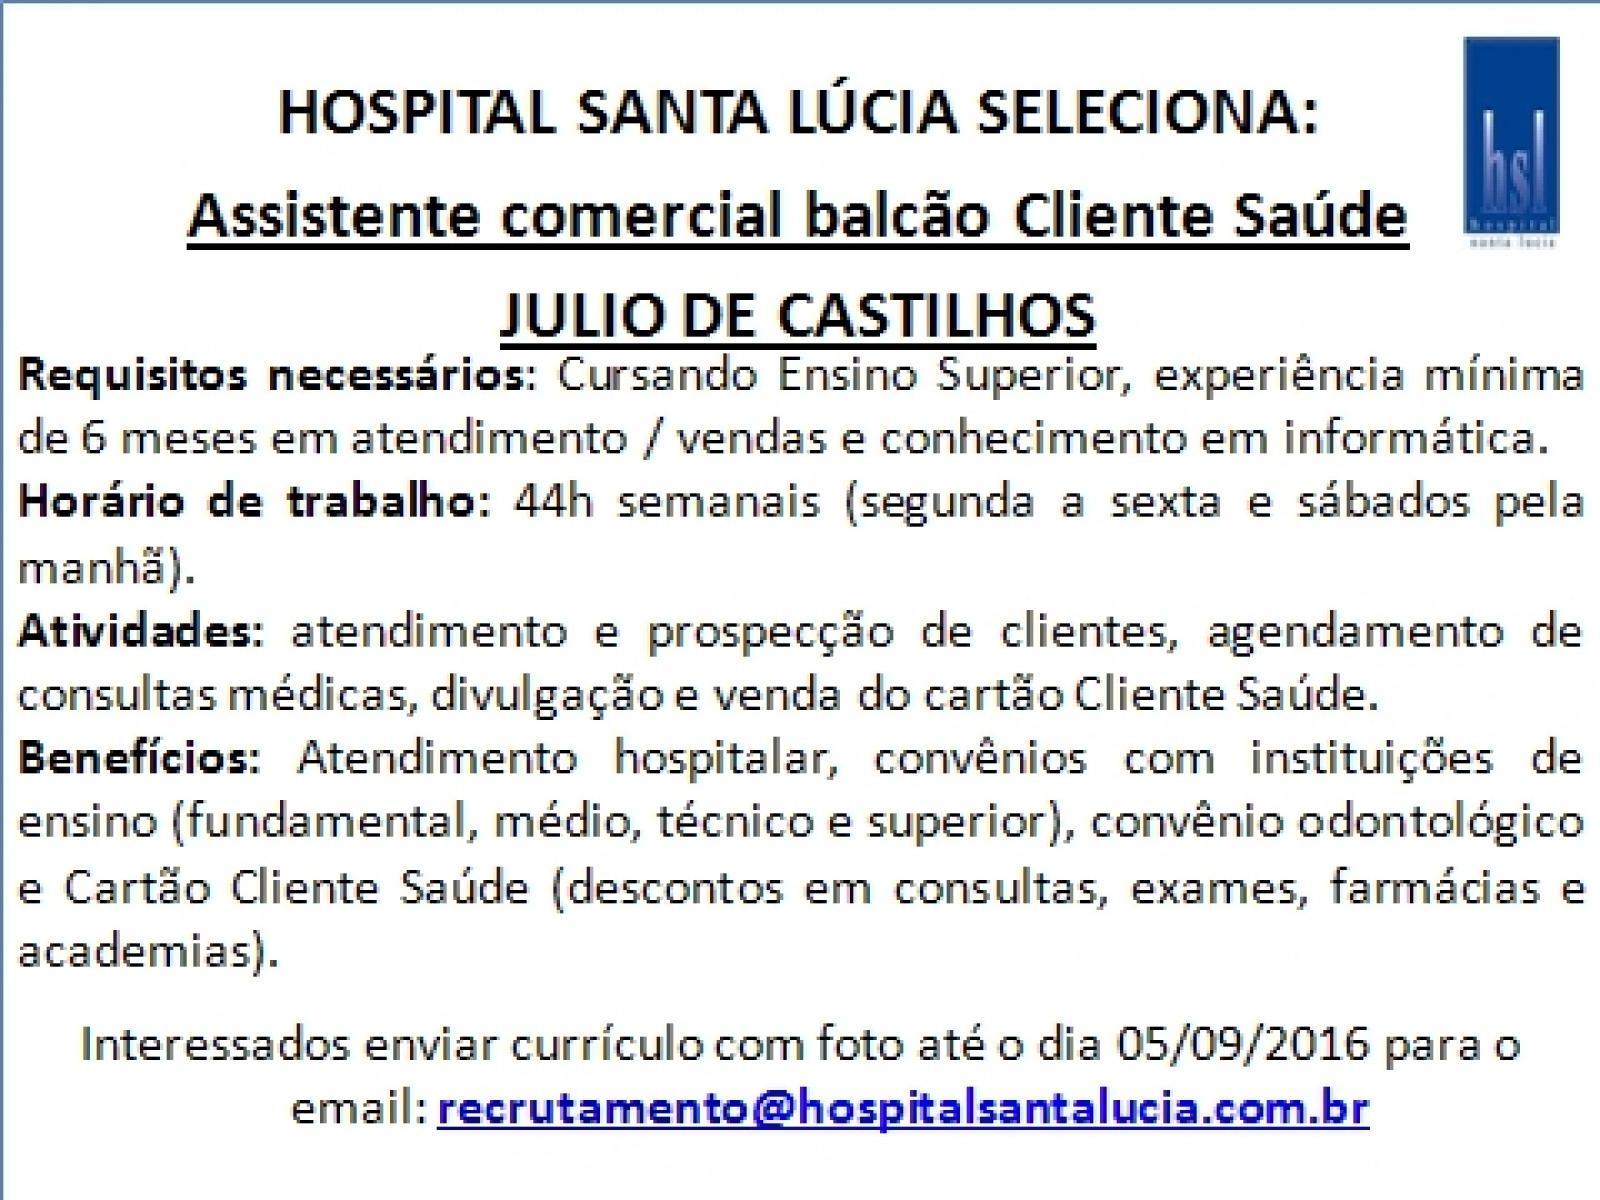 Oportunidade em Julio de Castilhos - Assistente Comercial Cliente Saúde